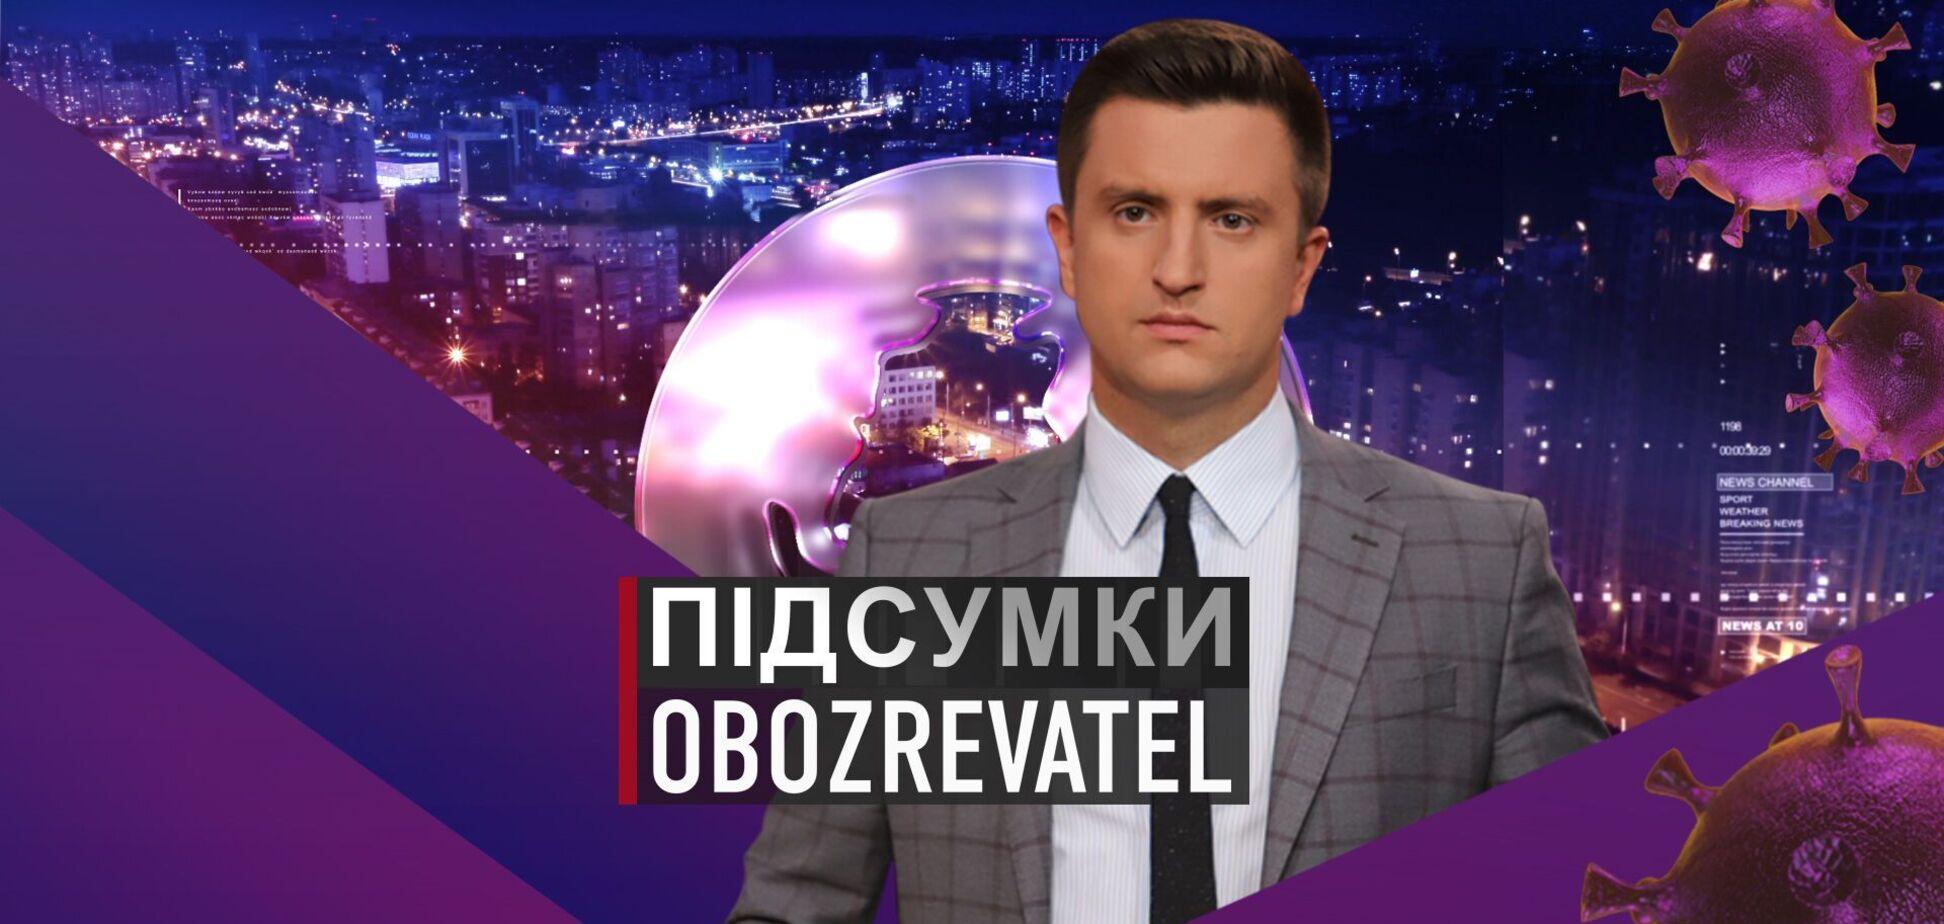 Підсумки з Вадимом Колодійчуком. Середа, 28 квітня